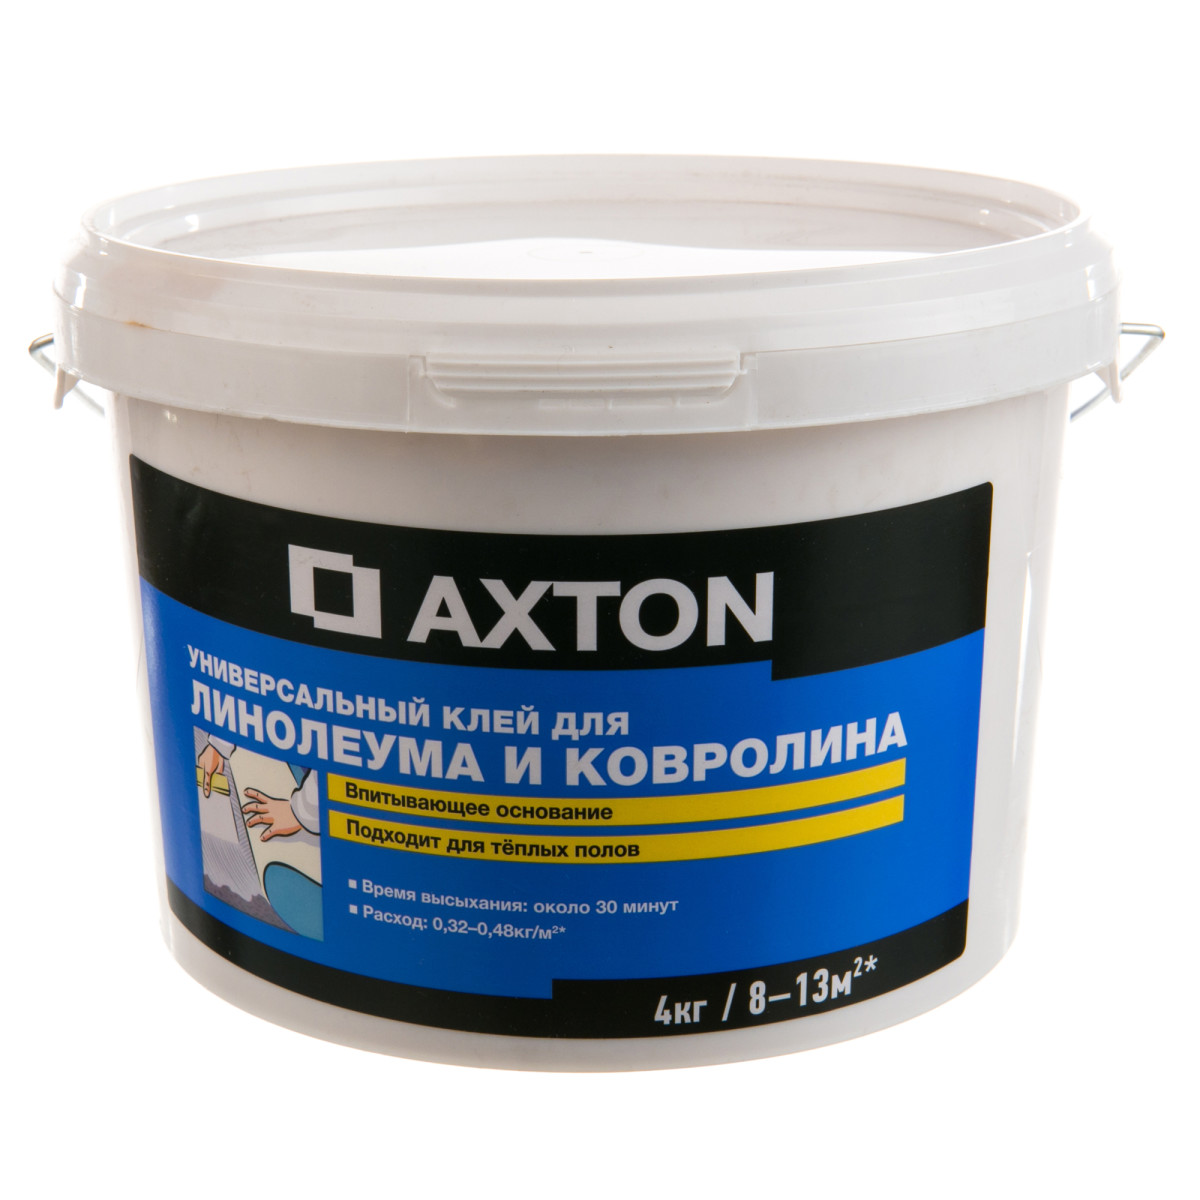 Клей Axton универсальный для линолеума и ковролина 4 кг